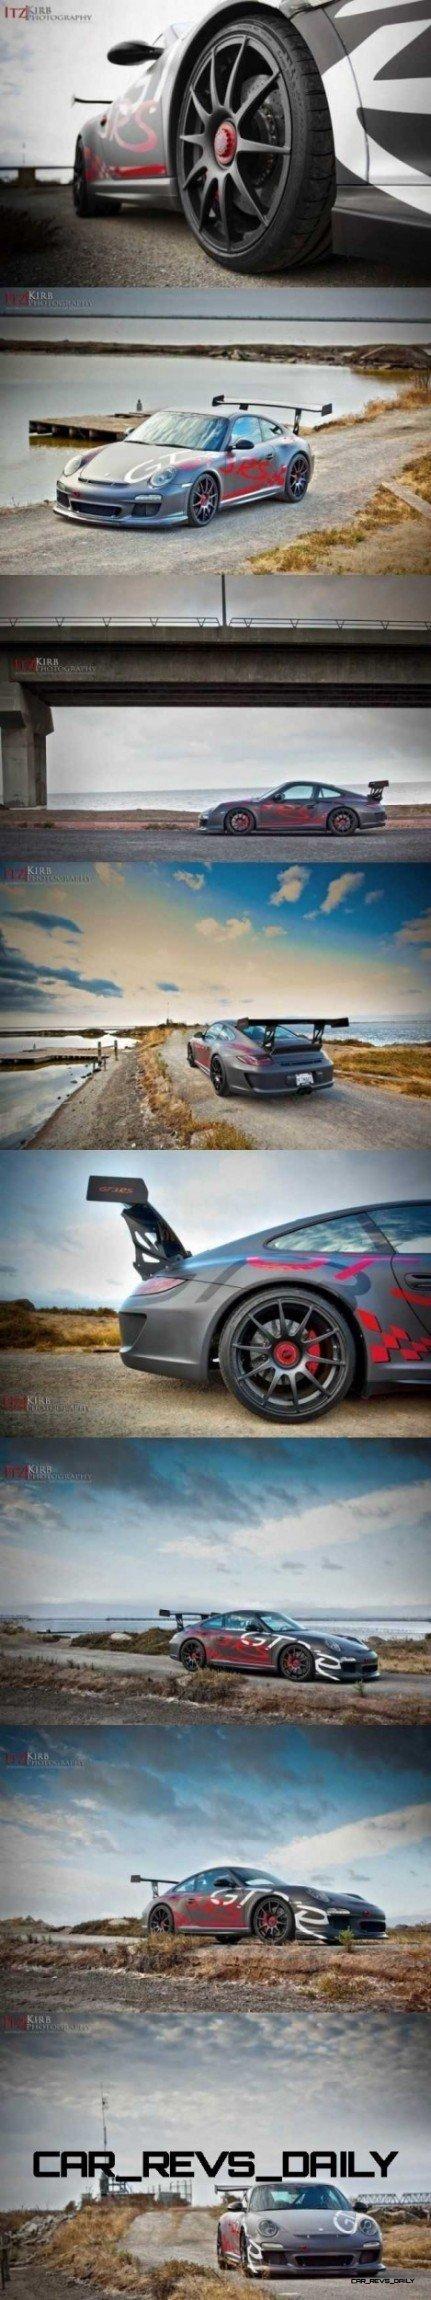 ItzKirb Captures the Wild Graphics of this Porsche 911 GT3 RS 5-vert